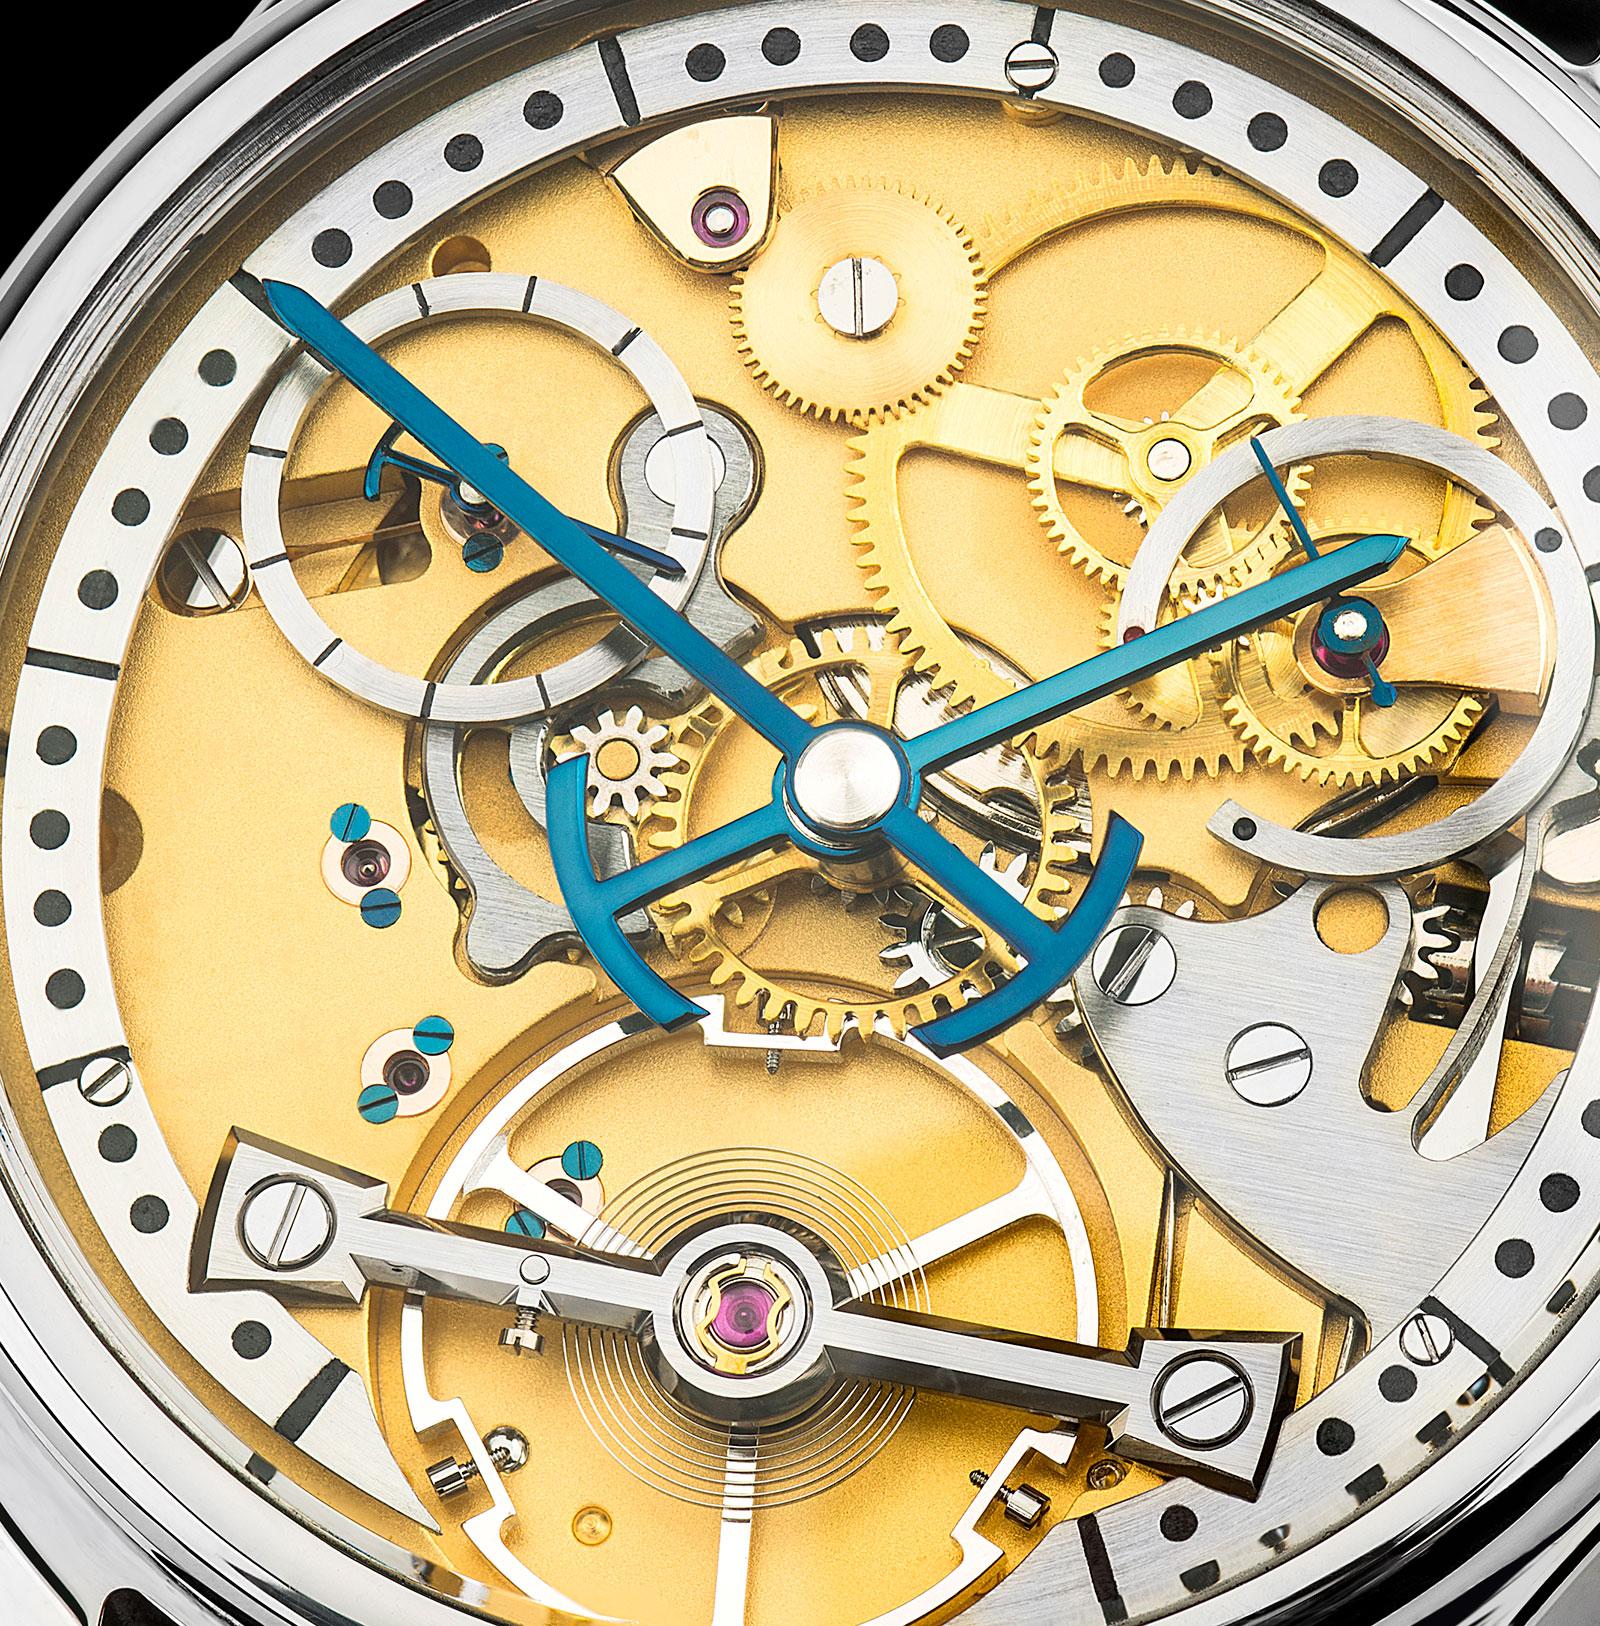 Garrick S1 watch 5